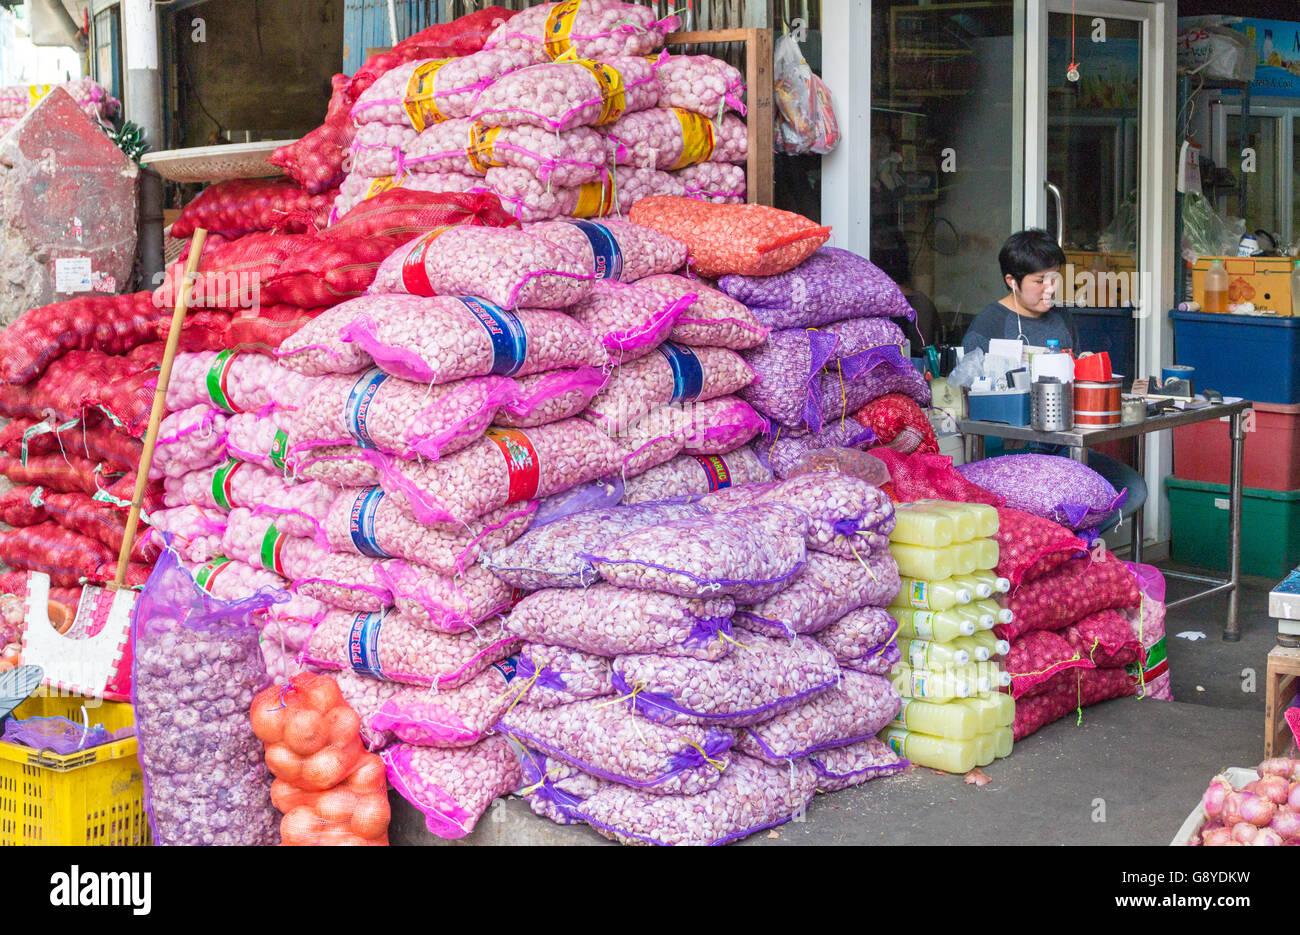 Sacks of onion and garlic, Pak Khlong Talat fruit and vegetable market, Bangkok, Thailand - Stock Image